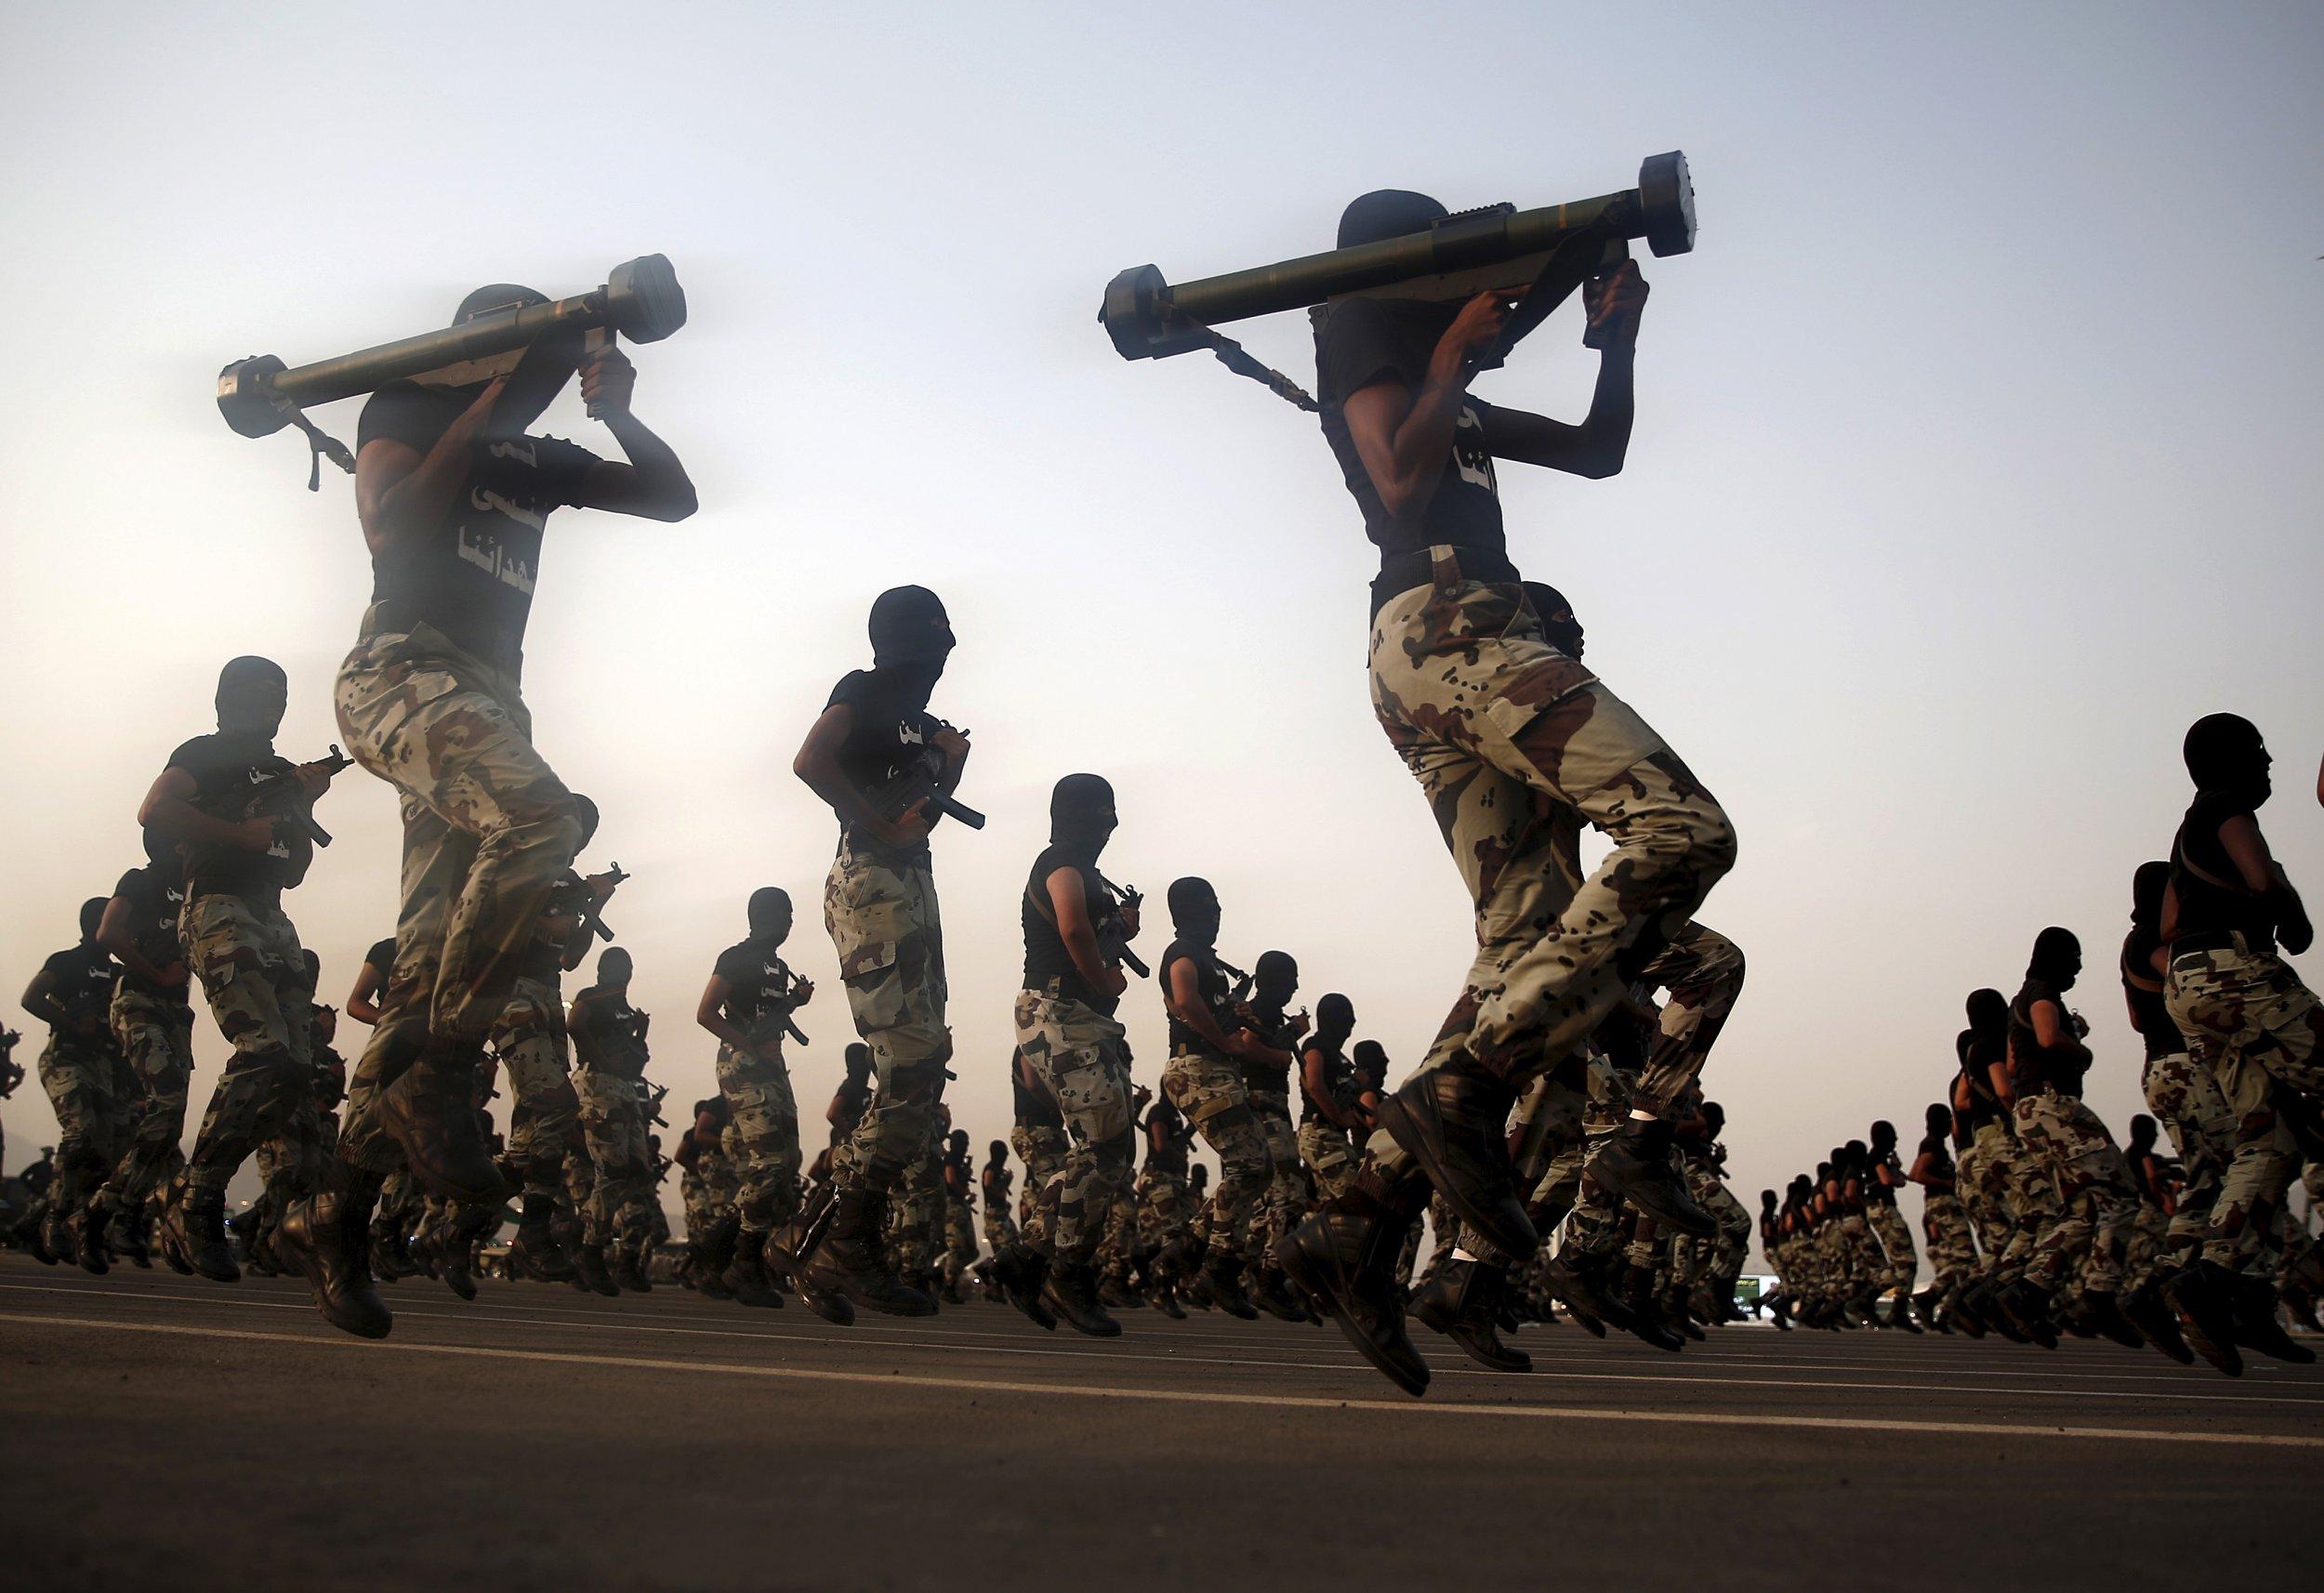 Saudi Arabi soldiers